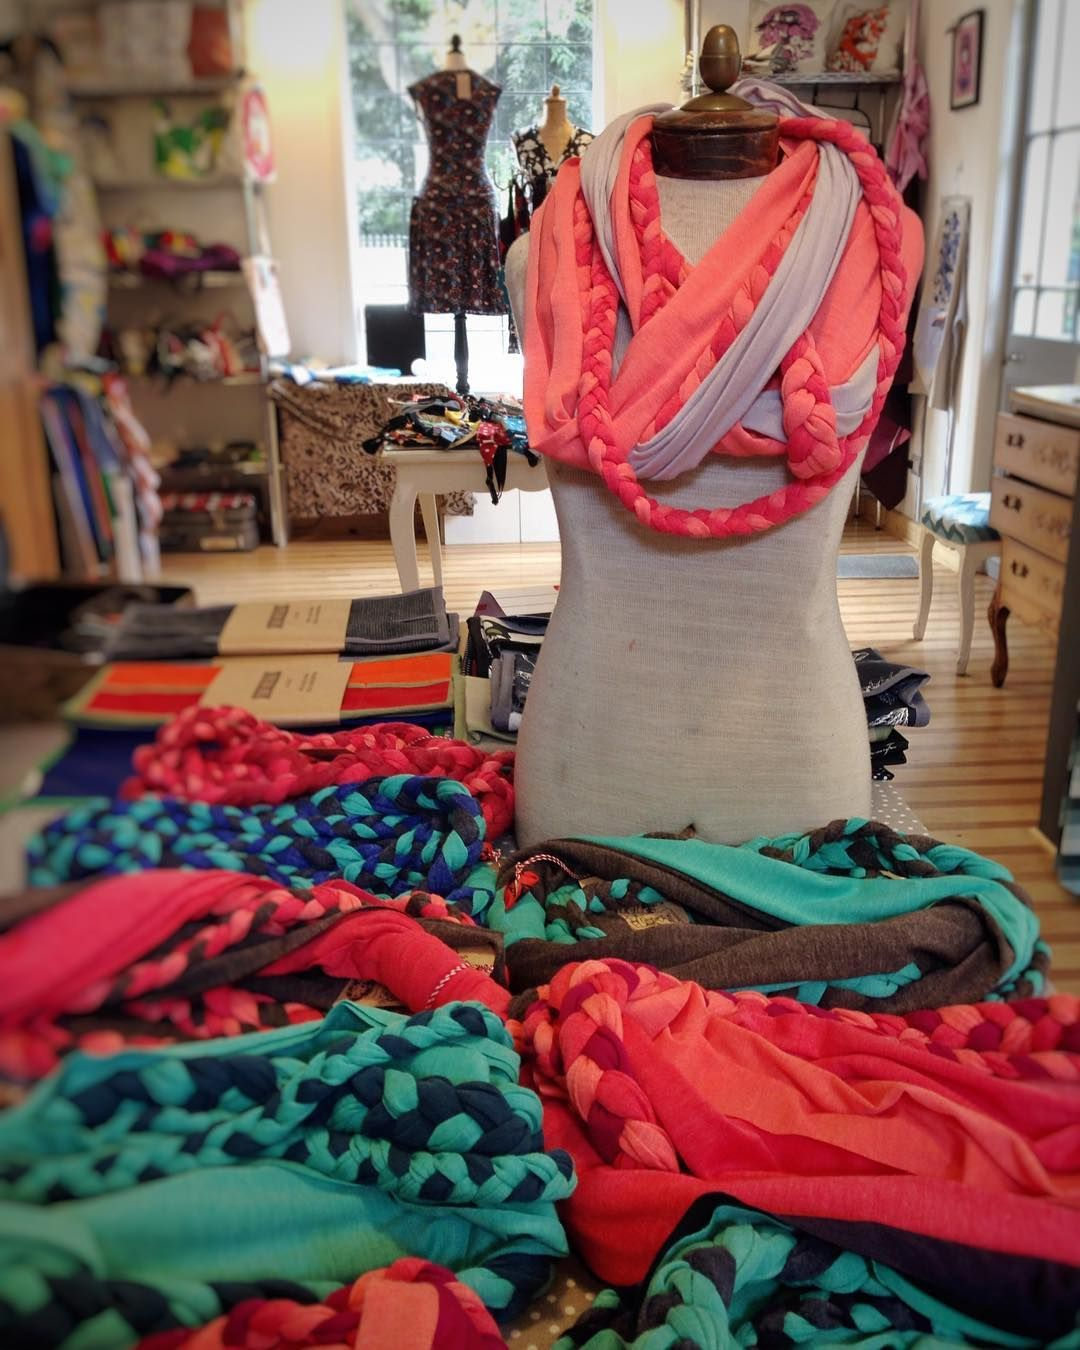 Nuevos pañuelos trenzados! Estamos hoy en la tienda hasta las 14 hrs ven a verlos!  #accesorios #pañuelo #primavera